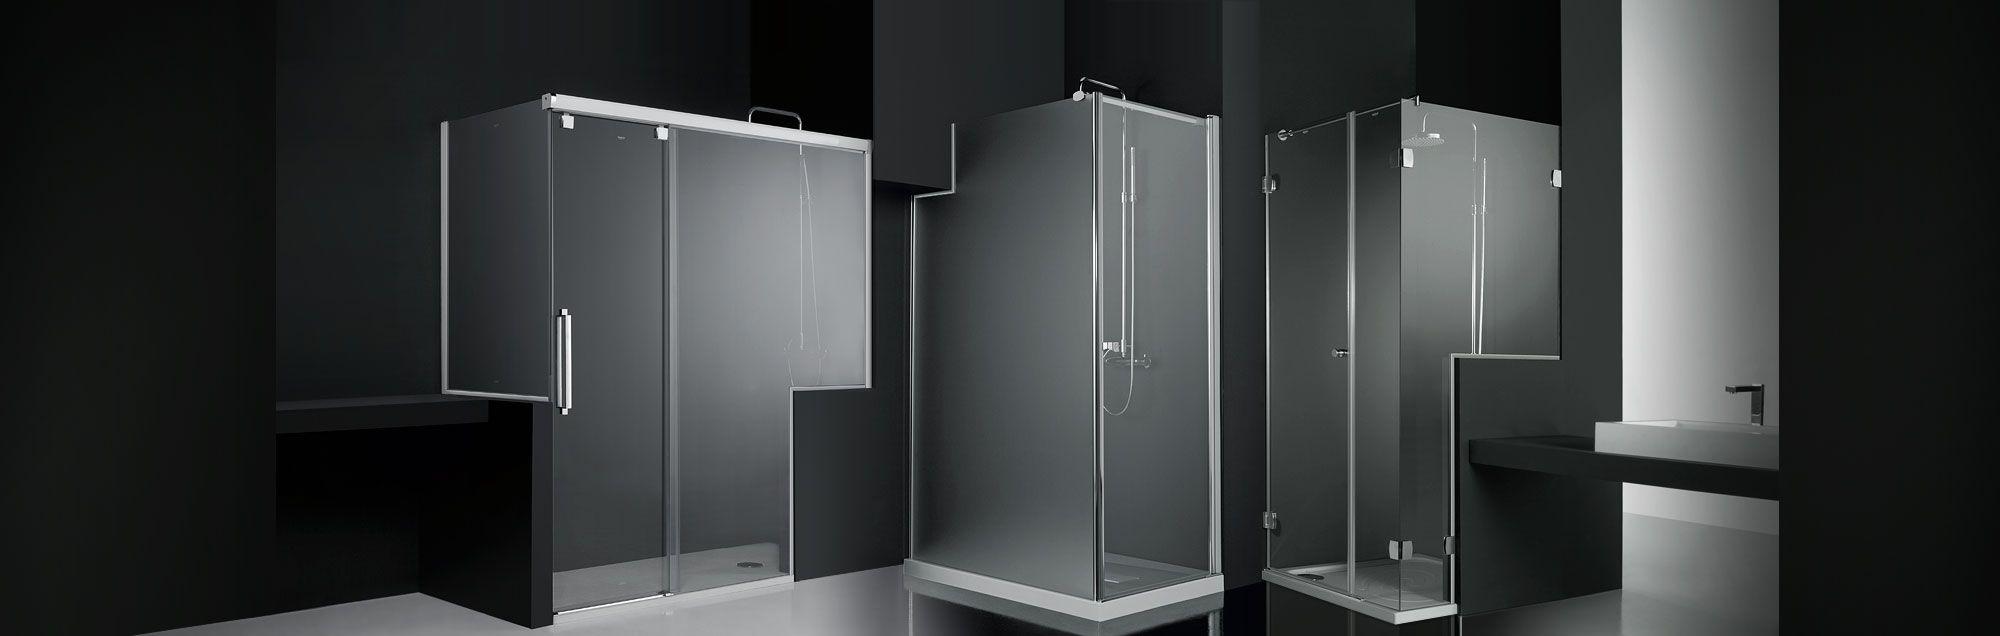 Mamparas para ducha y ba era con soluciones especiales de for Mamparas ducha a medida